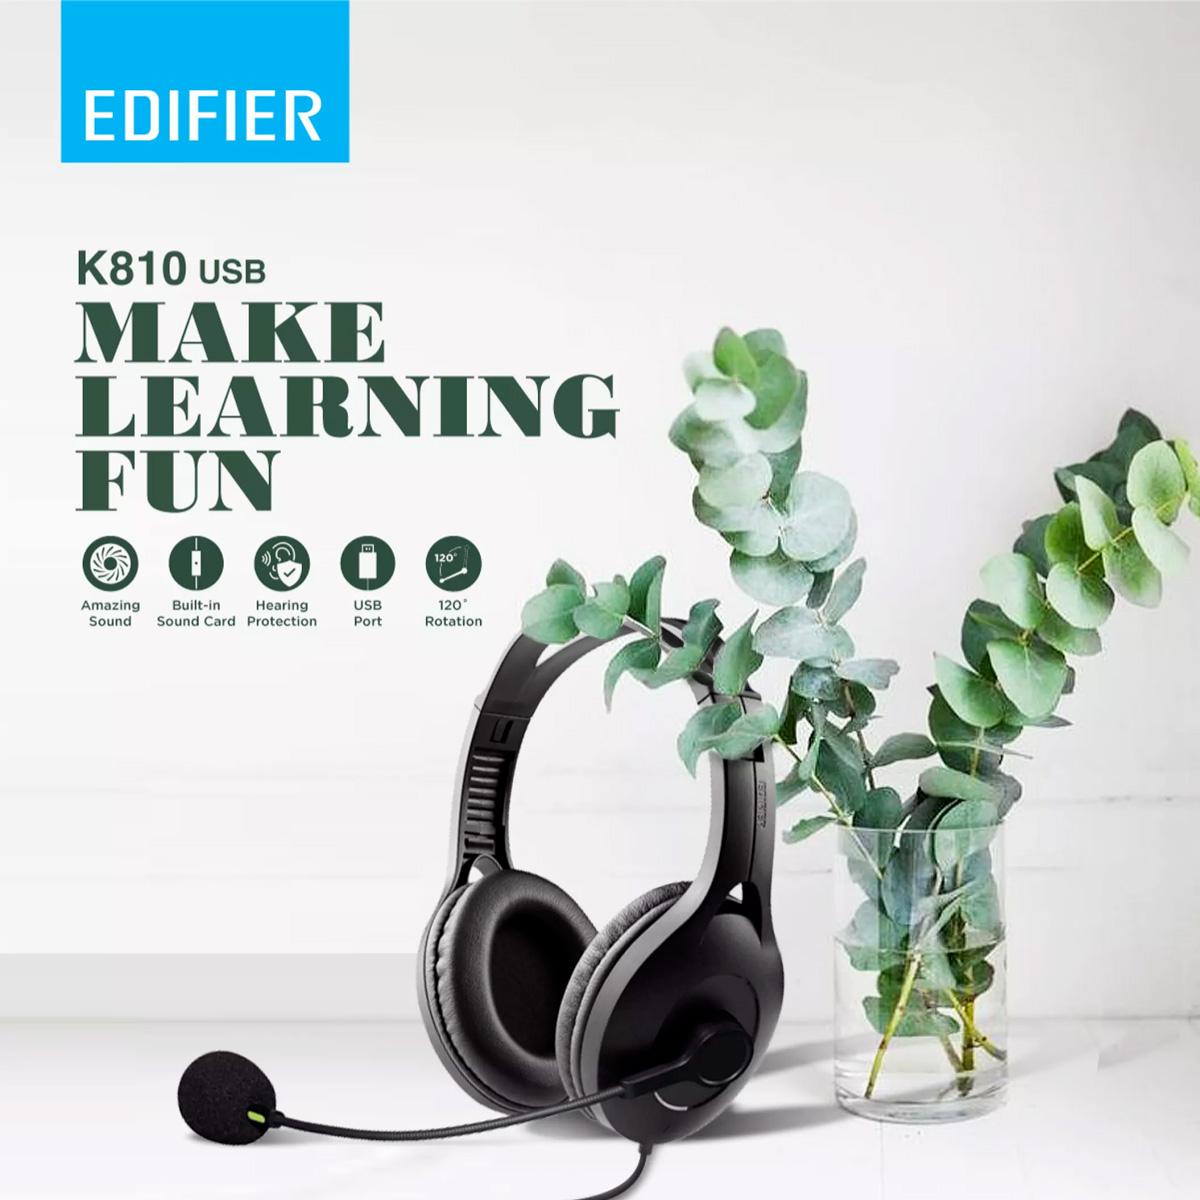 Edifier K810 USB Headphone